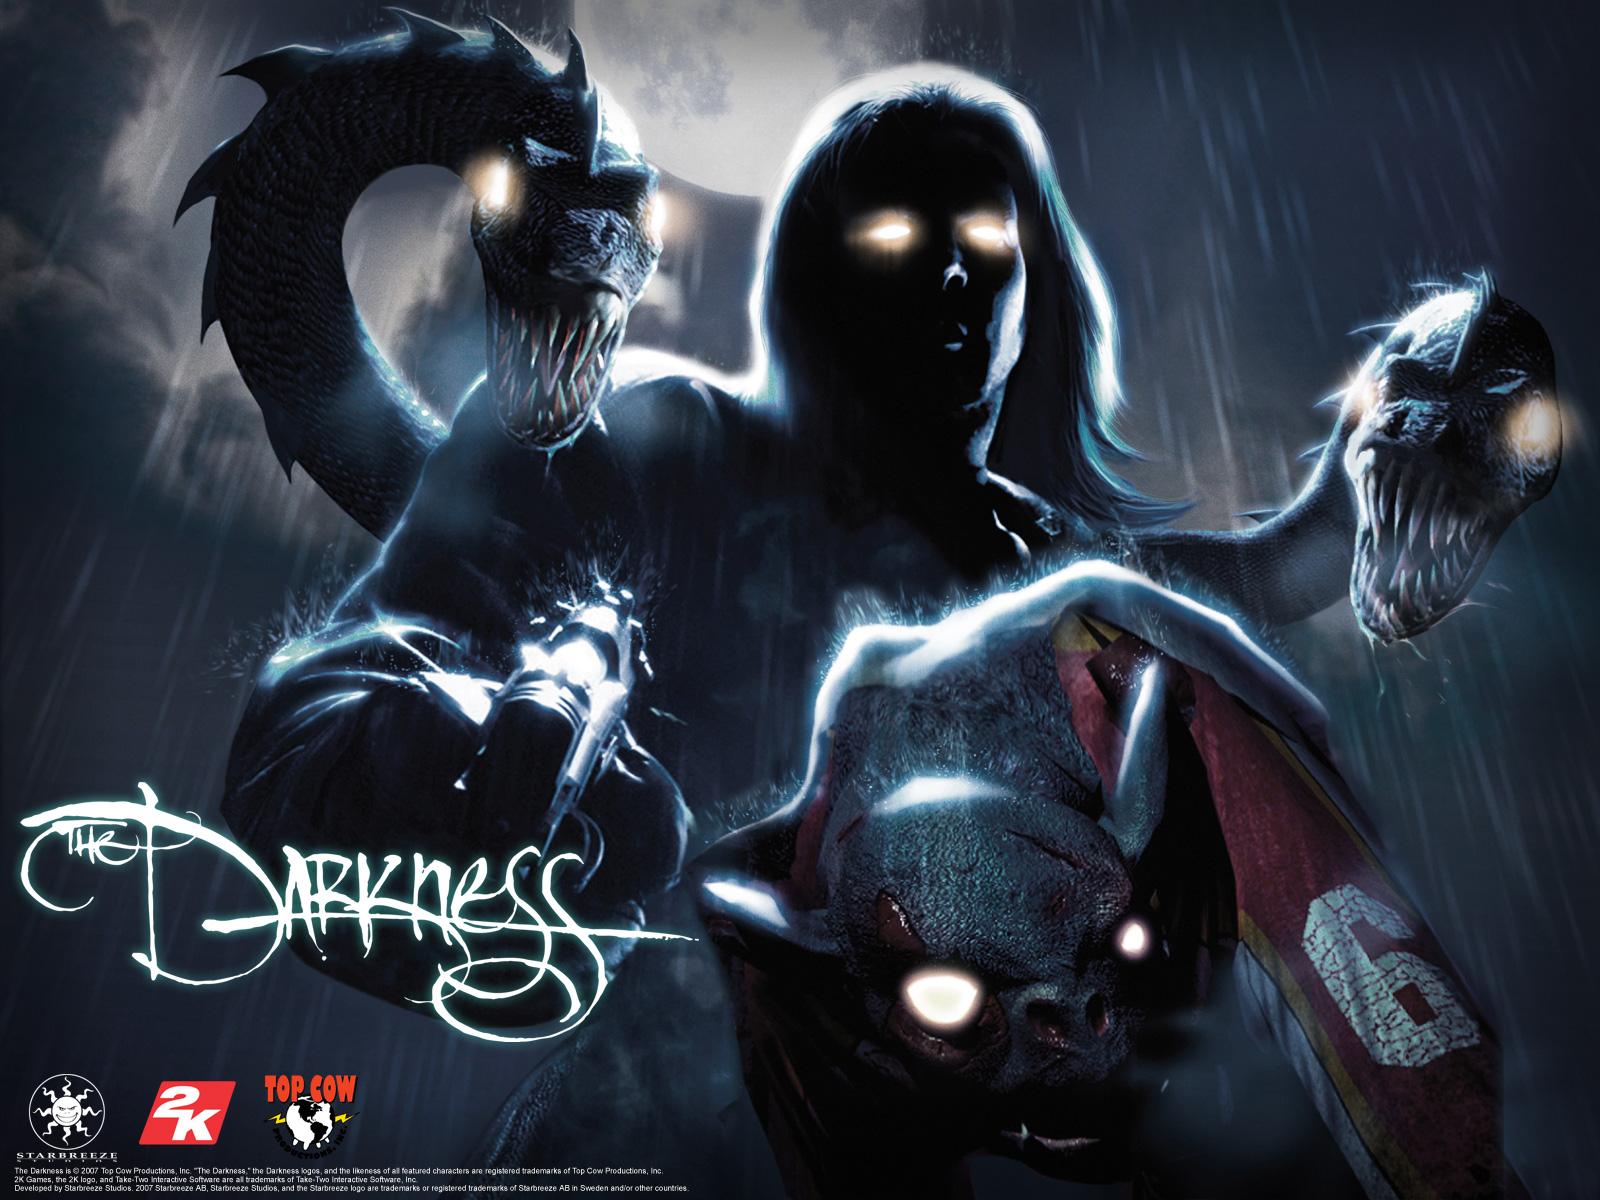 Games Darkness game 007124 jpg 1600x1200